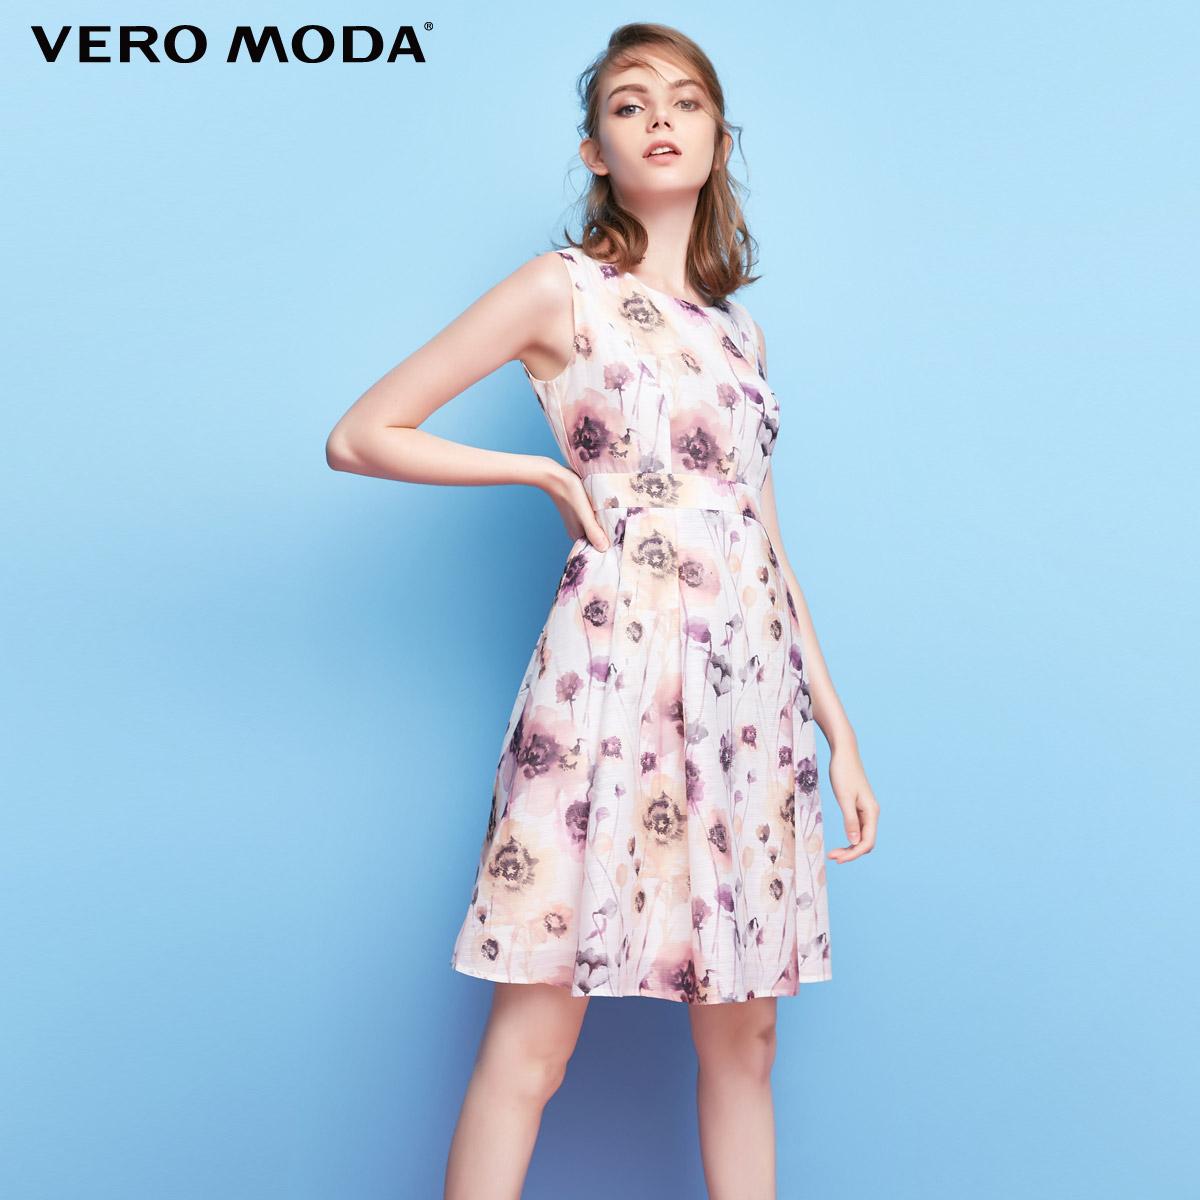 Vero Moda新品个性印花设计A摆连衣裙 31727A526